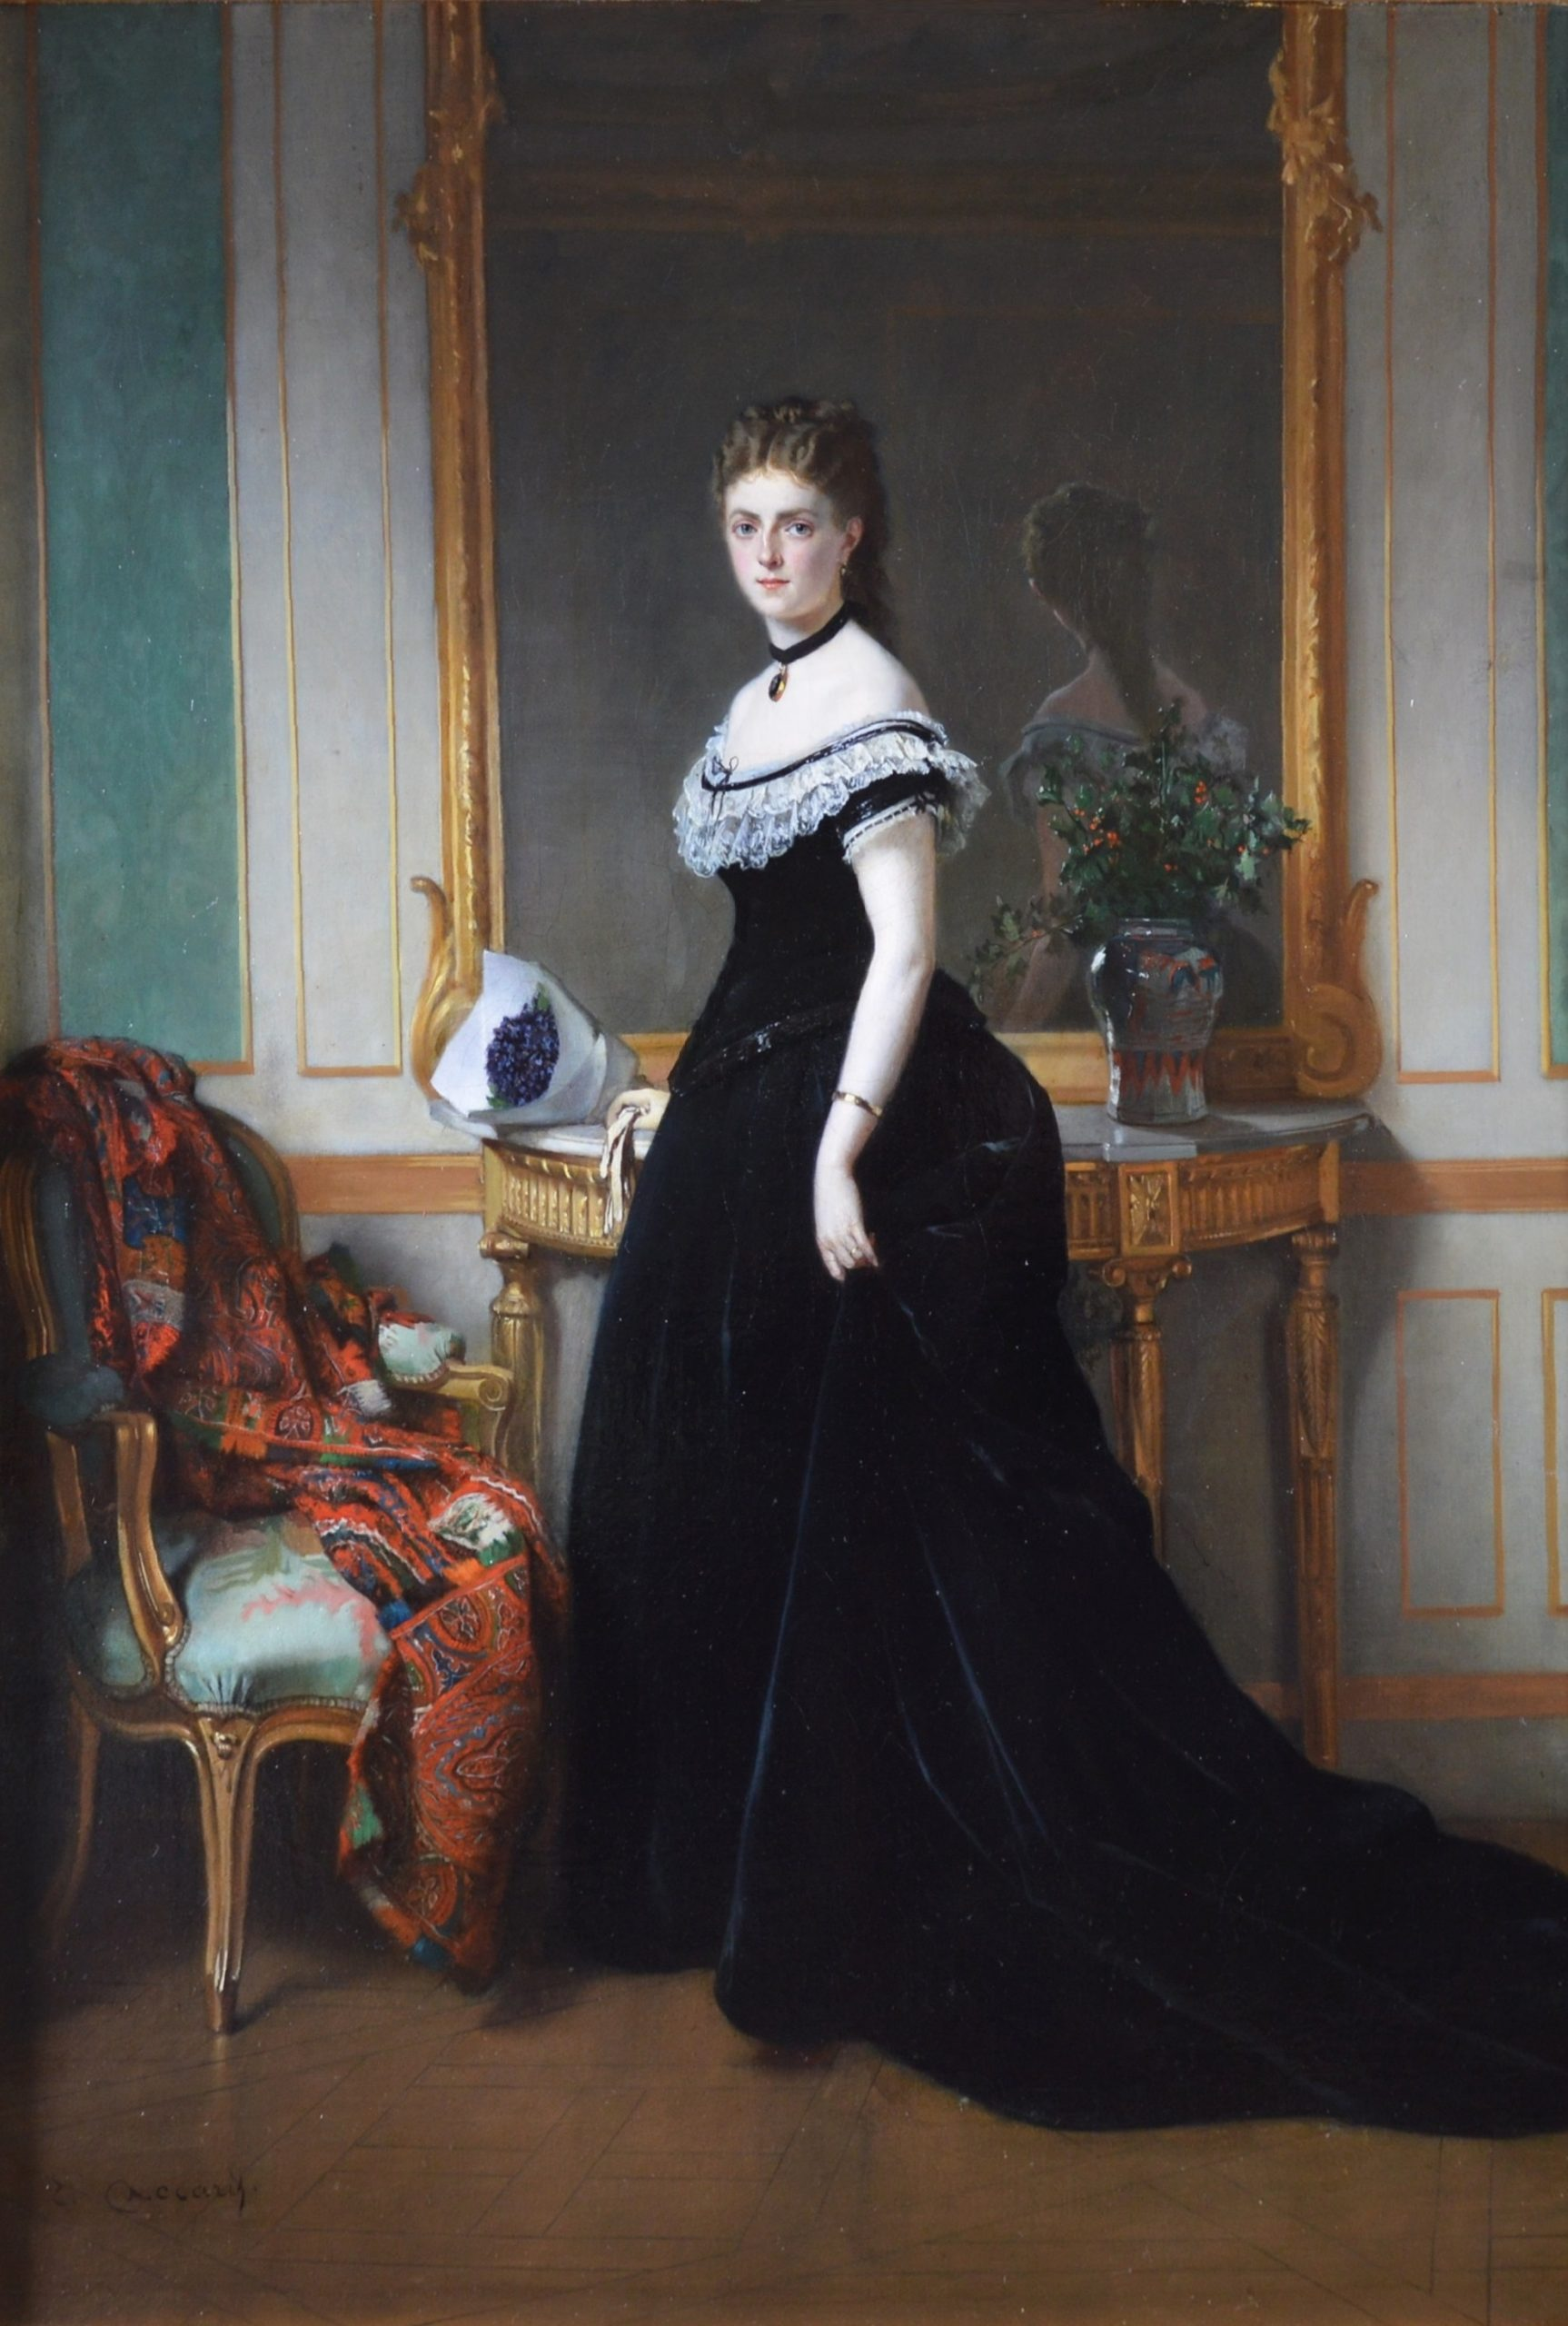 La Femme en Noir - Large 19th Century French Belle Epoque Portrait Oil Painting Image